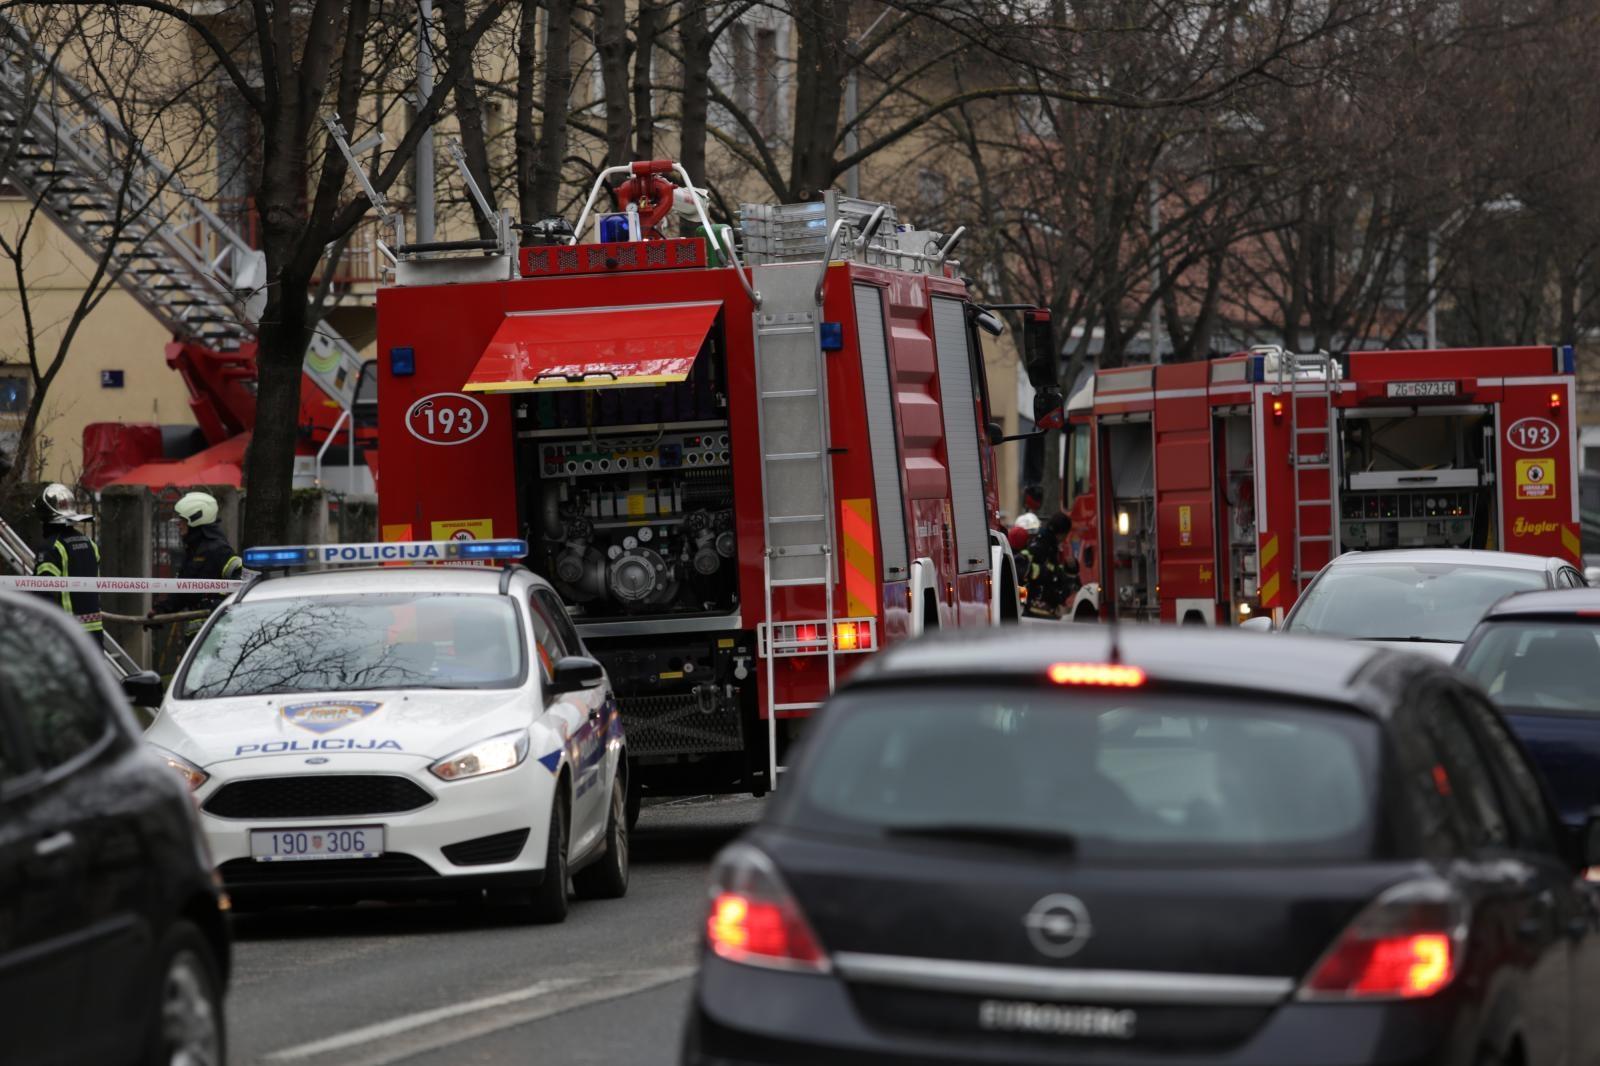 Žena smrtno stradala u požaru kuće na zagrebačkom Srebrnjaku